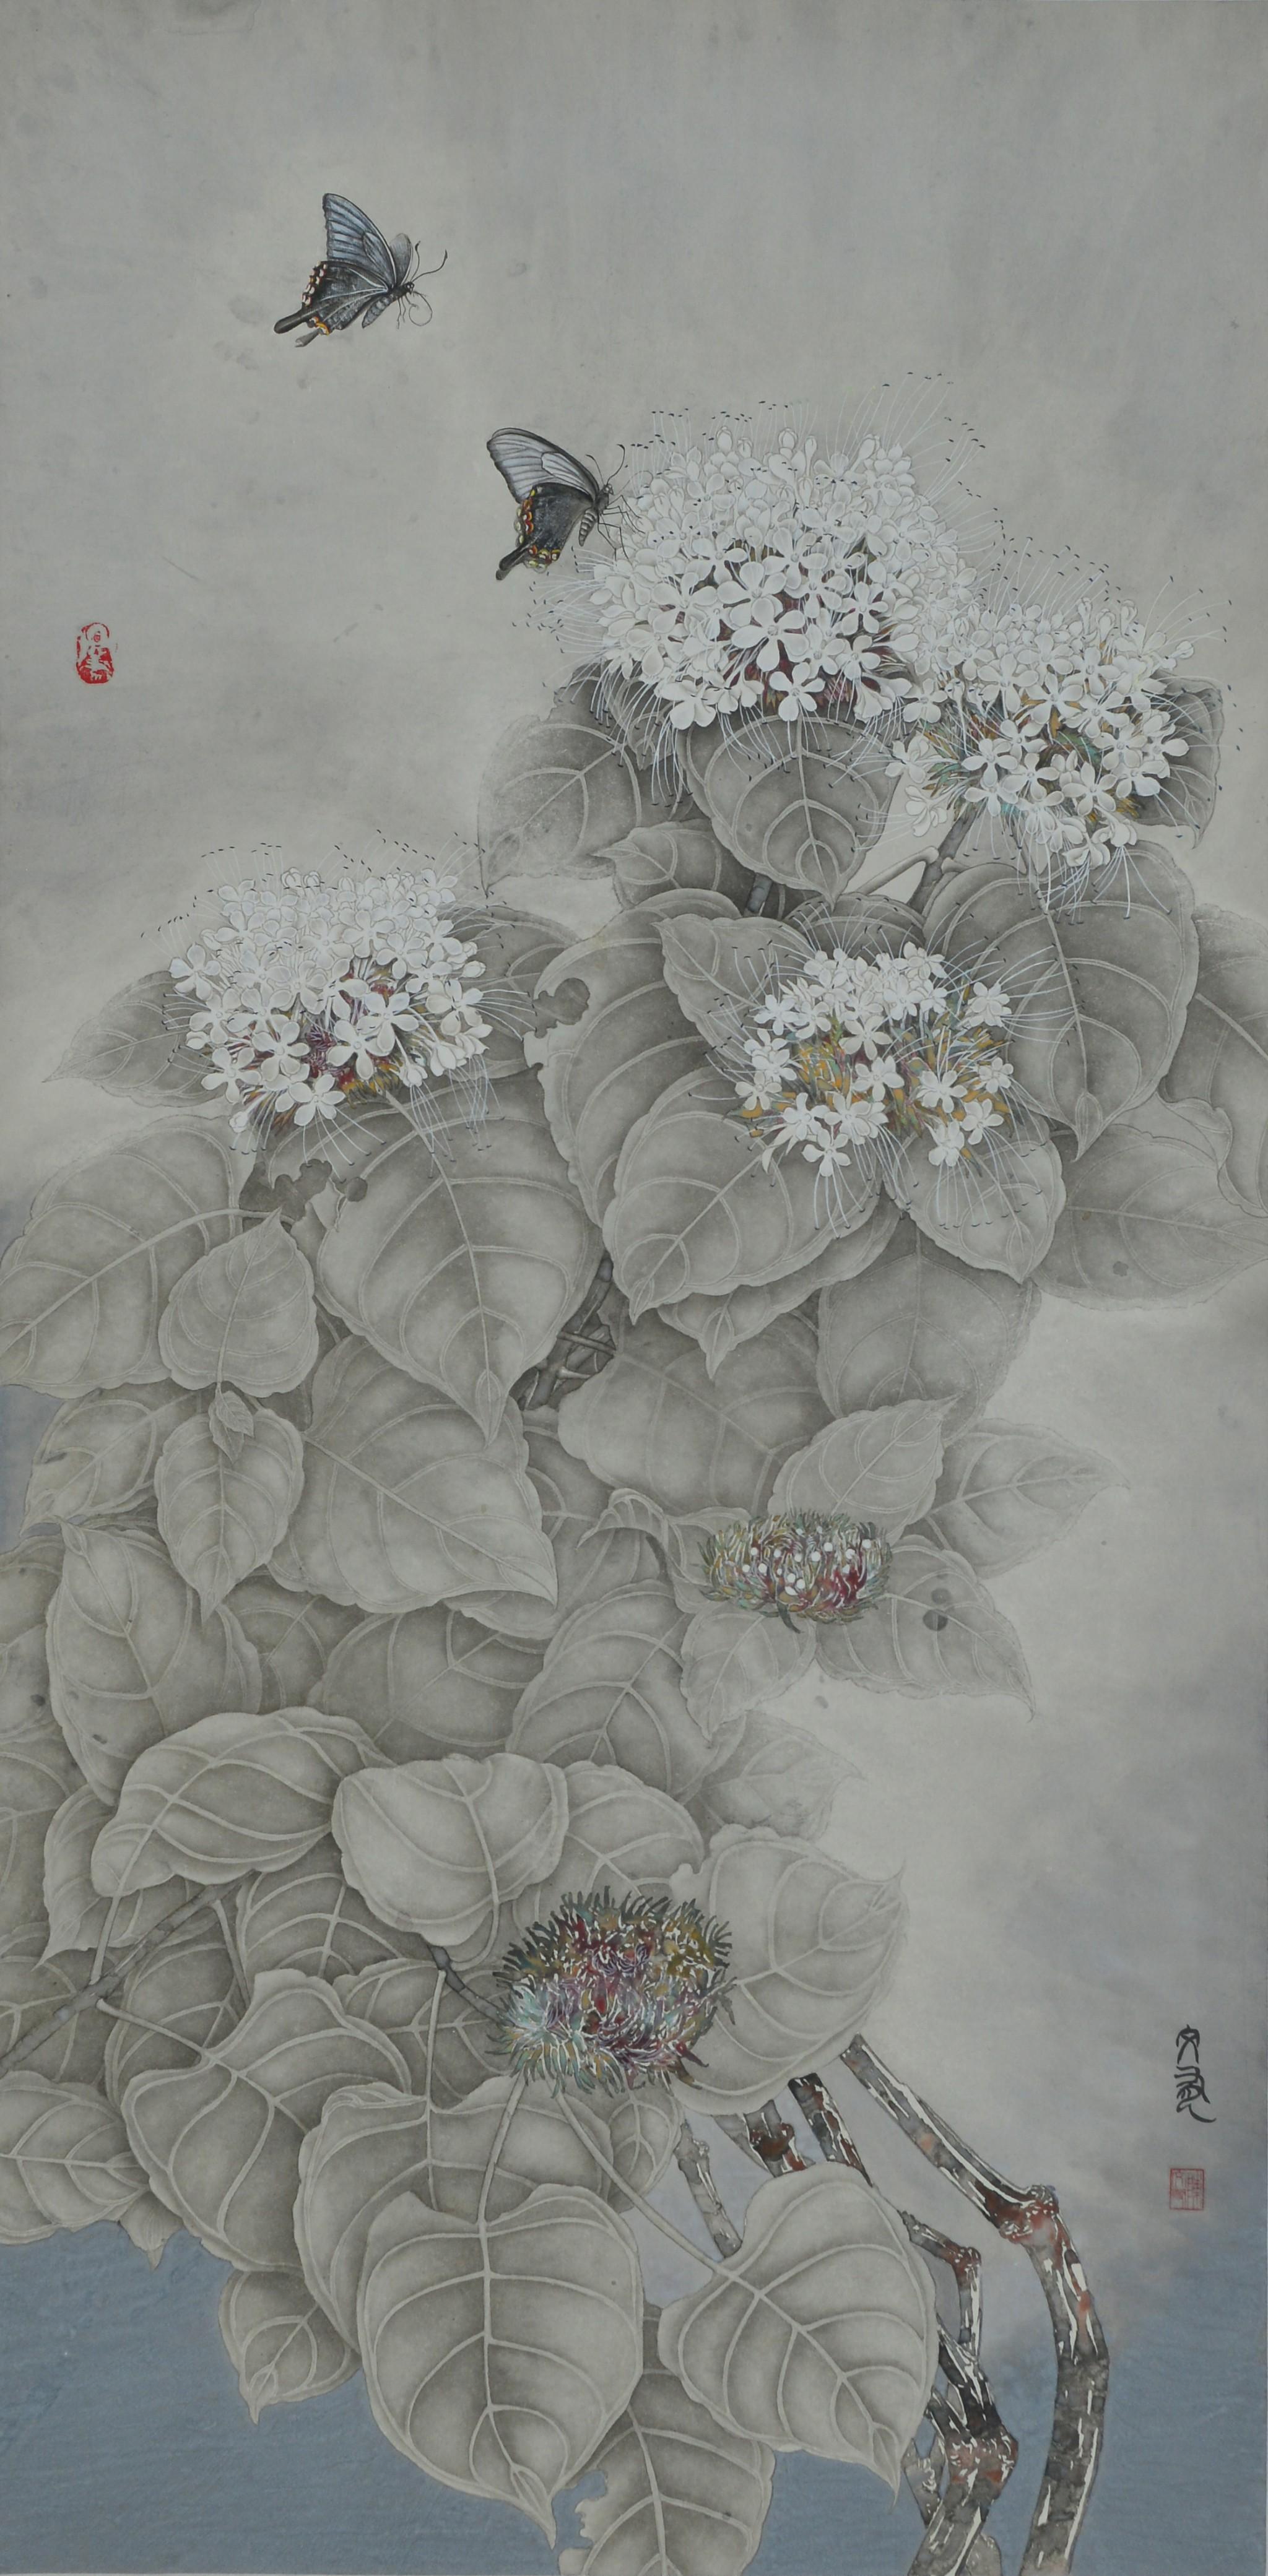 03《蝶恋花》陈文有